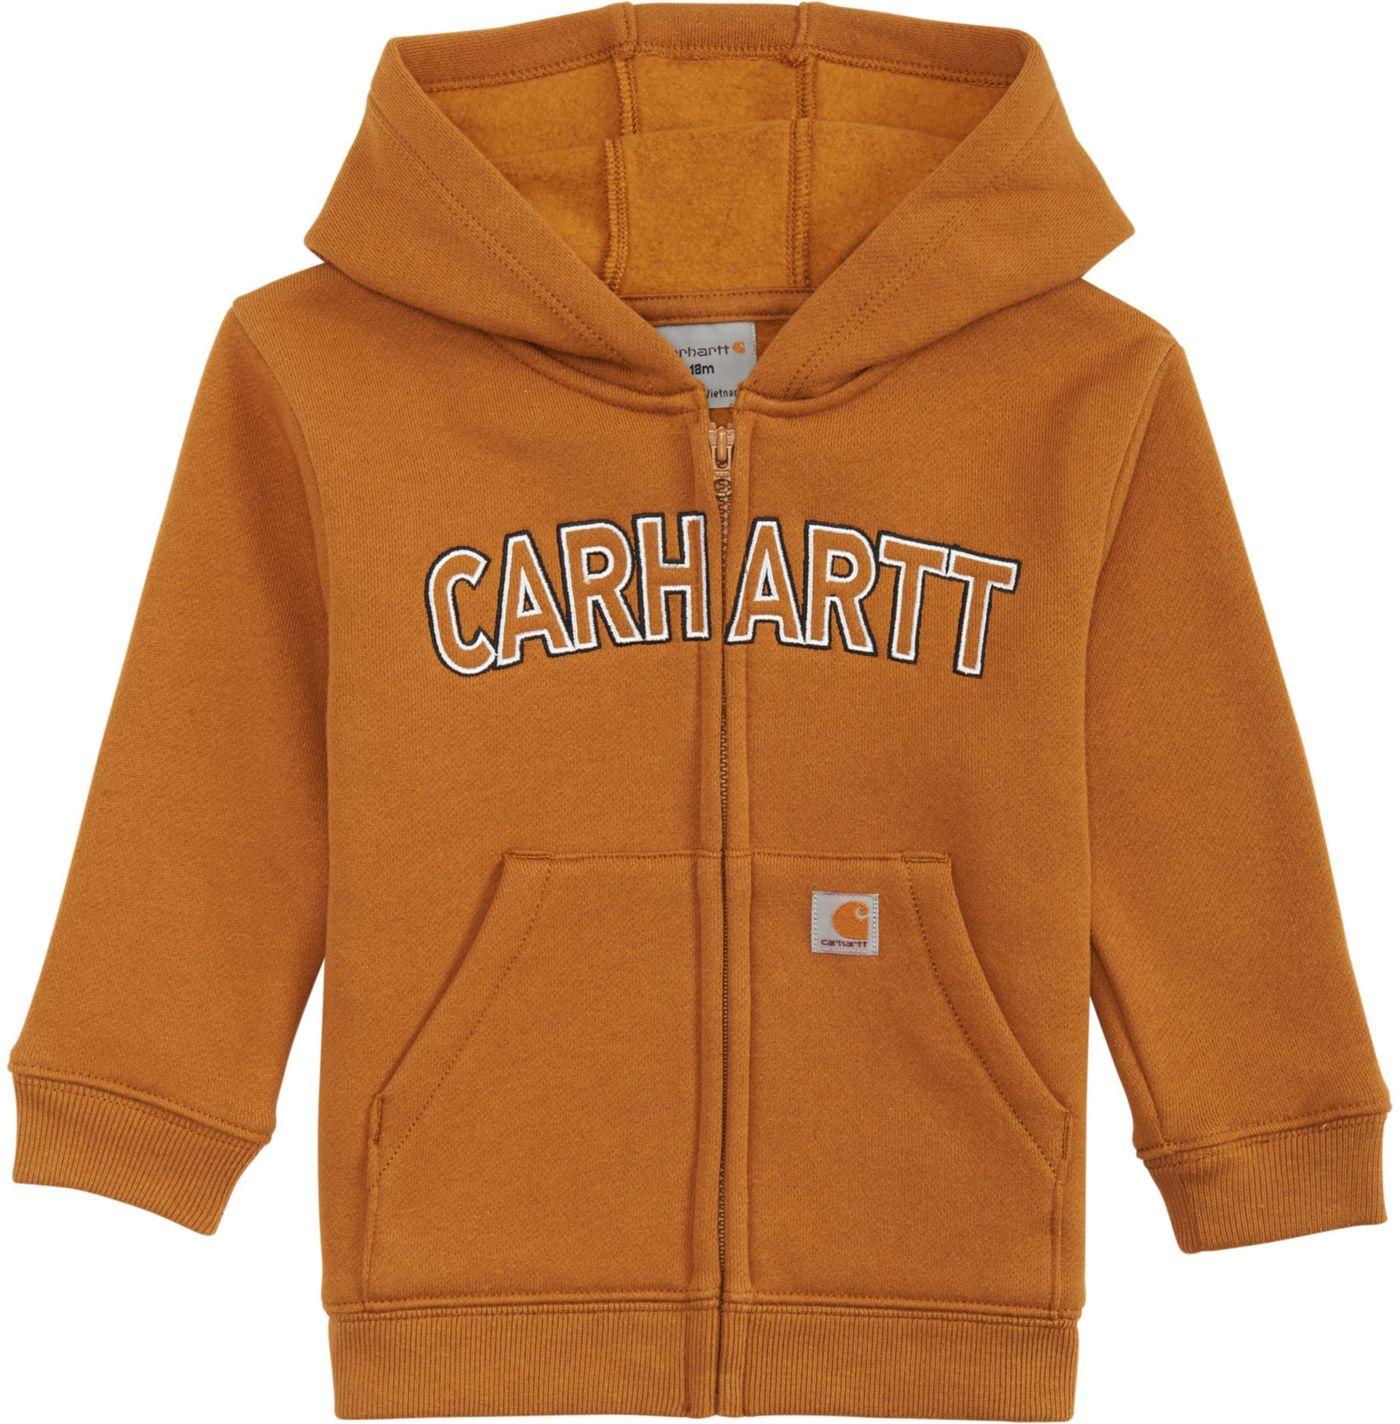 Carhartt Toddler Boys' Logo Fleece Zip Hoodie